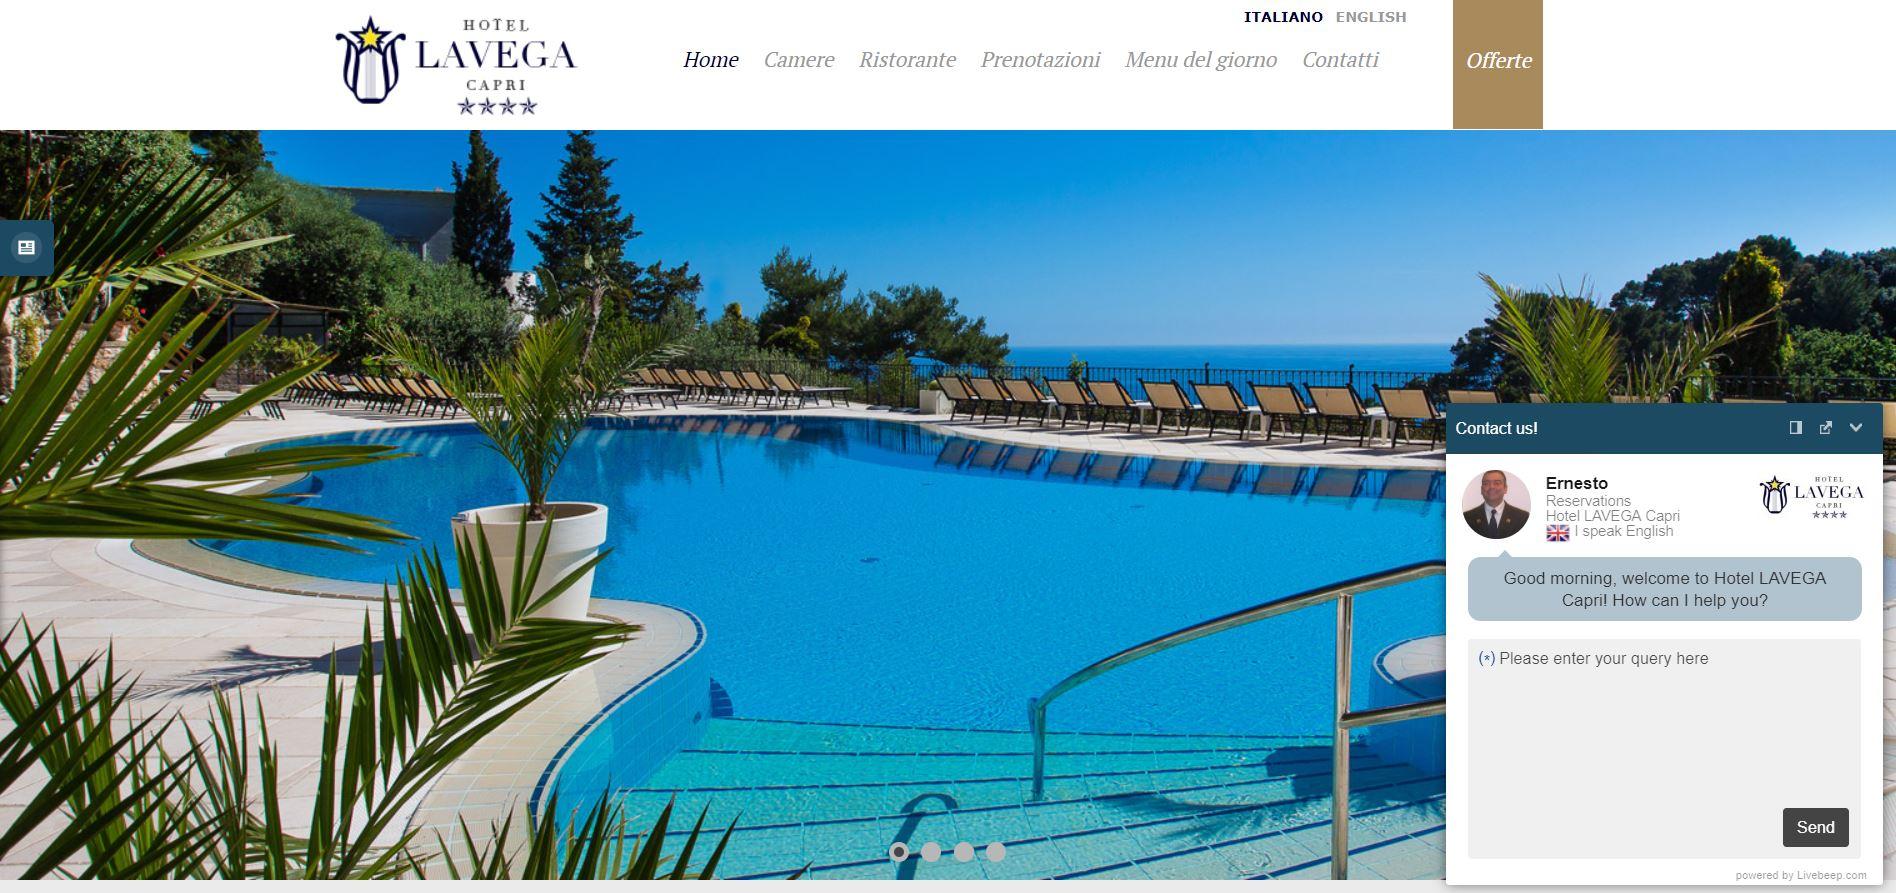 zoomart.net-realizzazione-sito-web-hotel-la-vega-web-agency-napoli-siti-web-sorrento